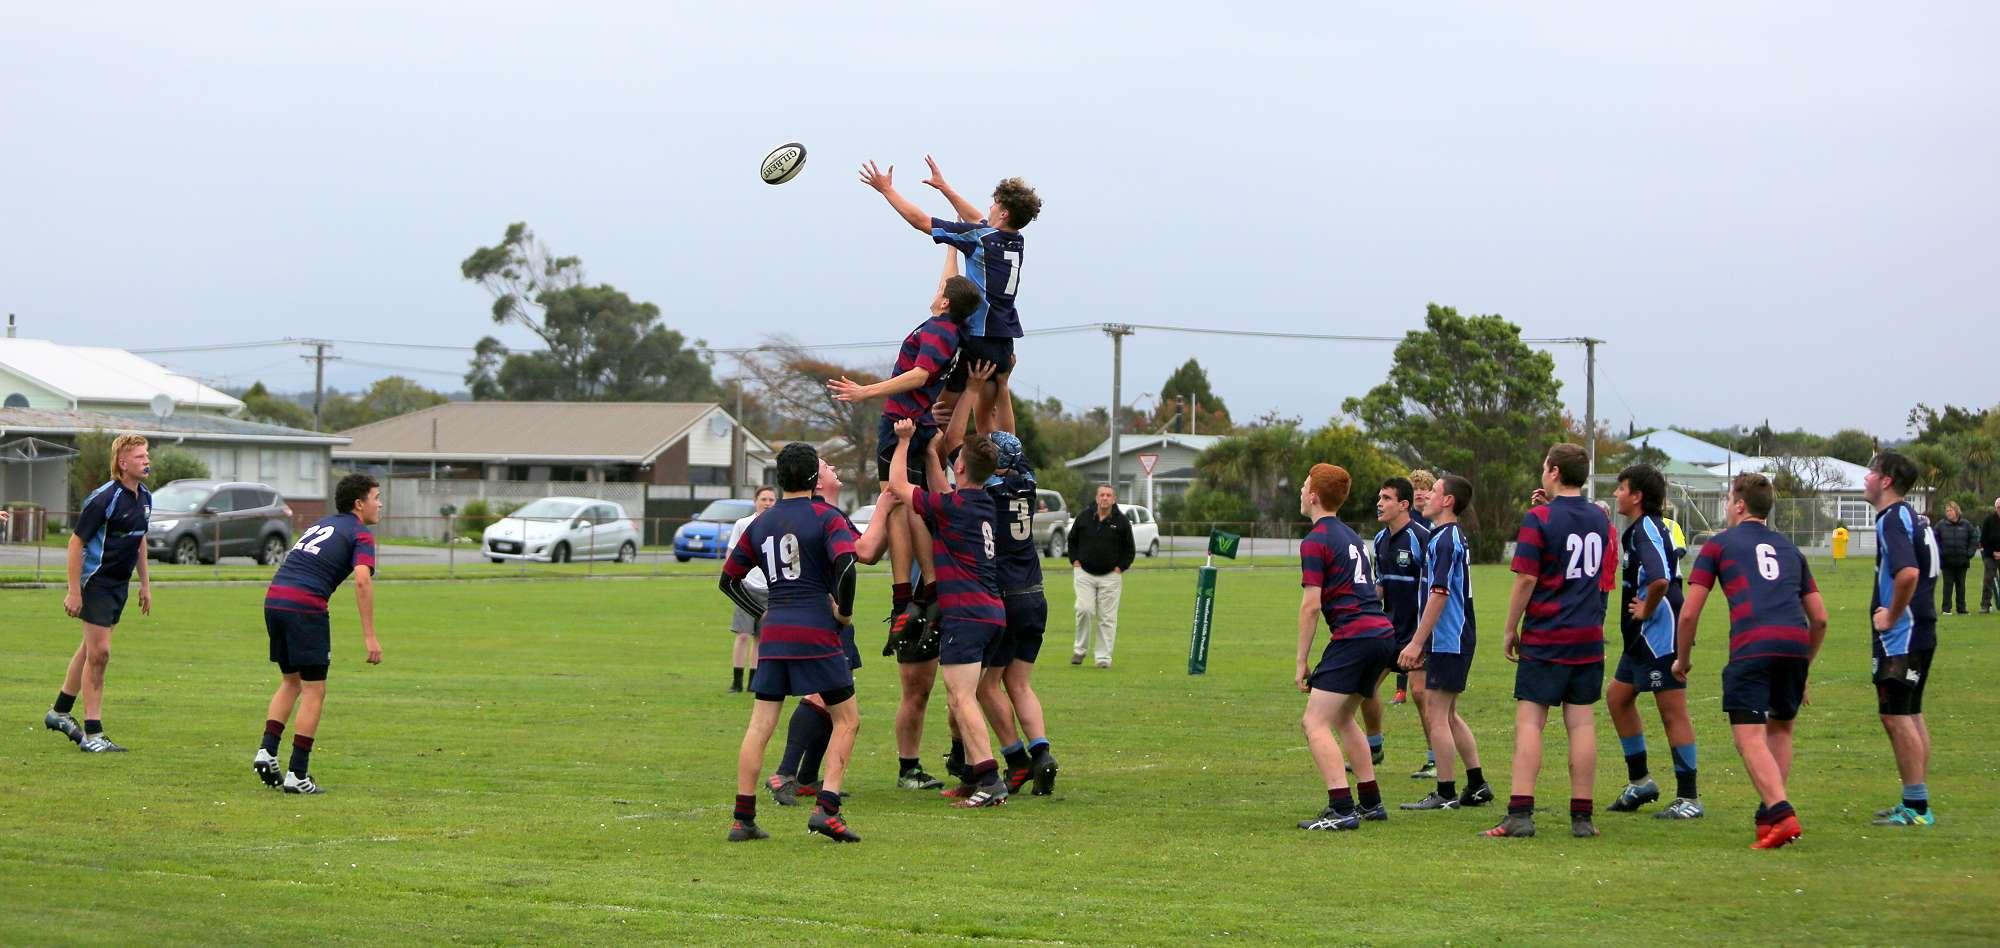 Rugby vs Ellesmere